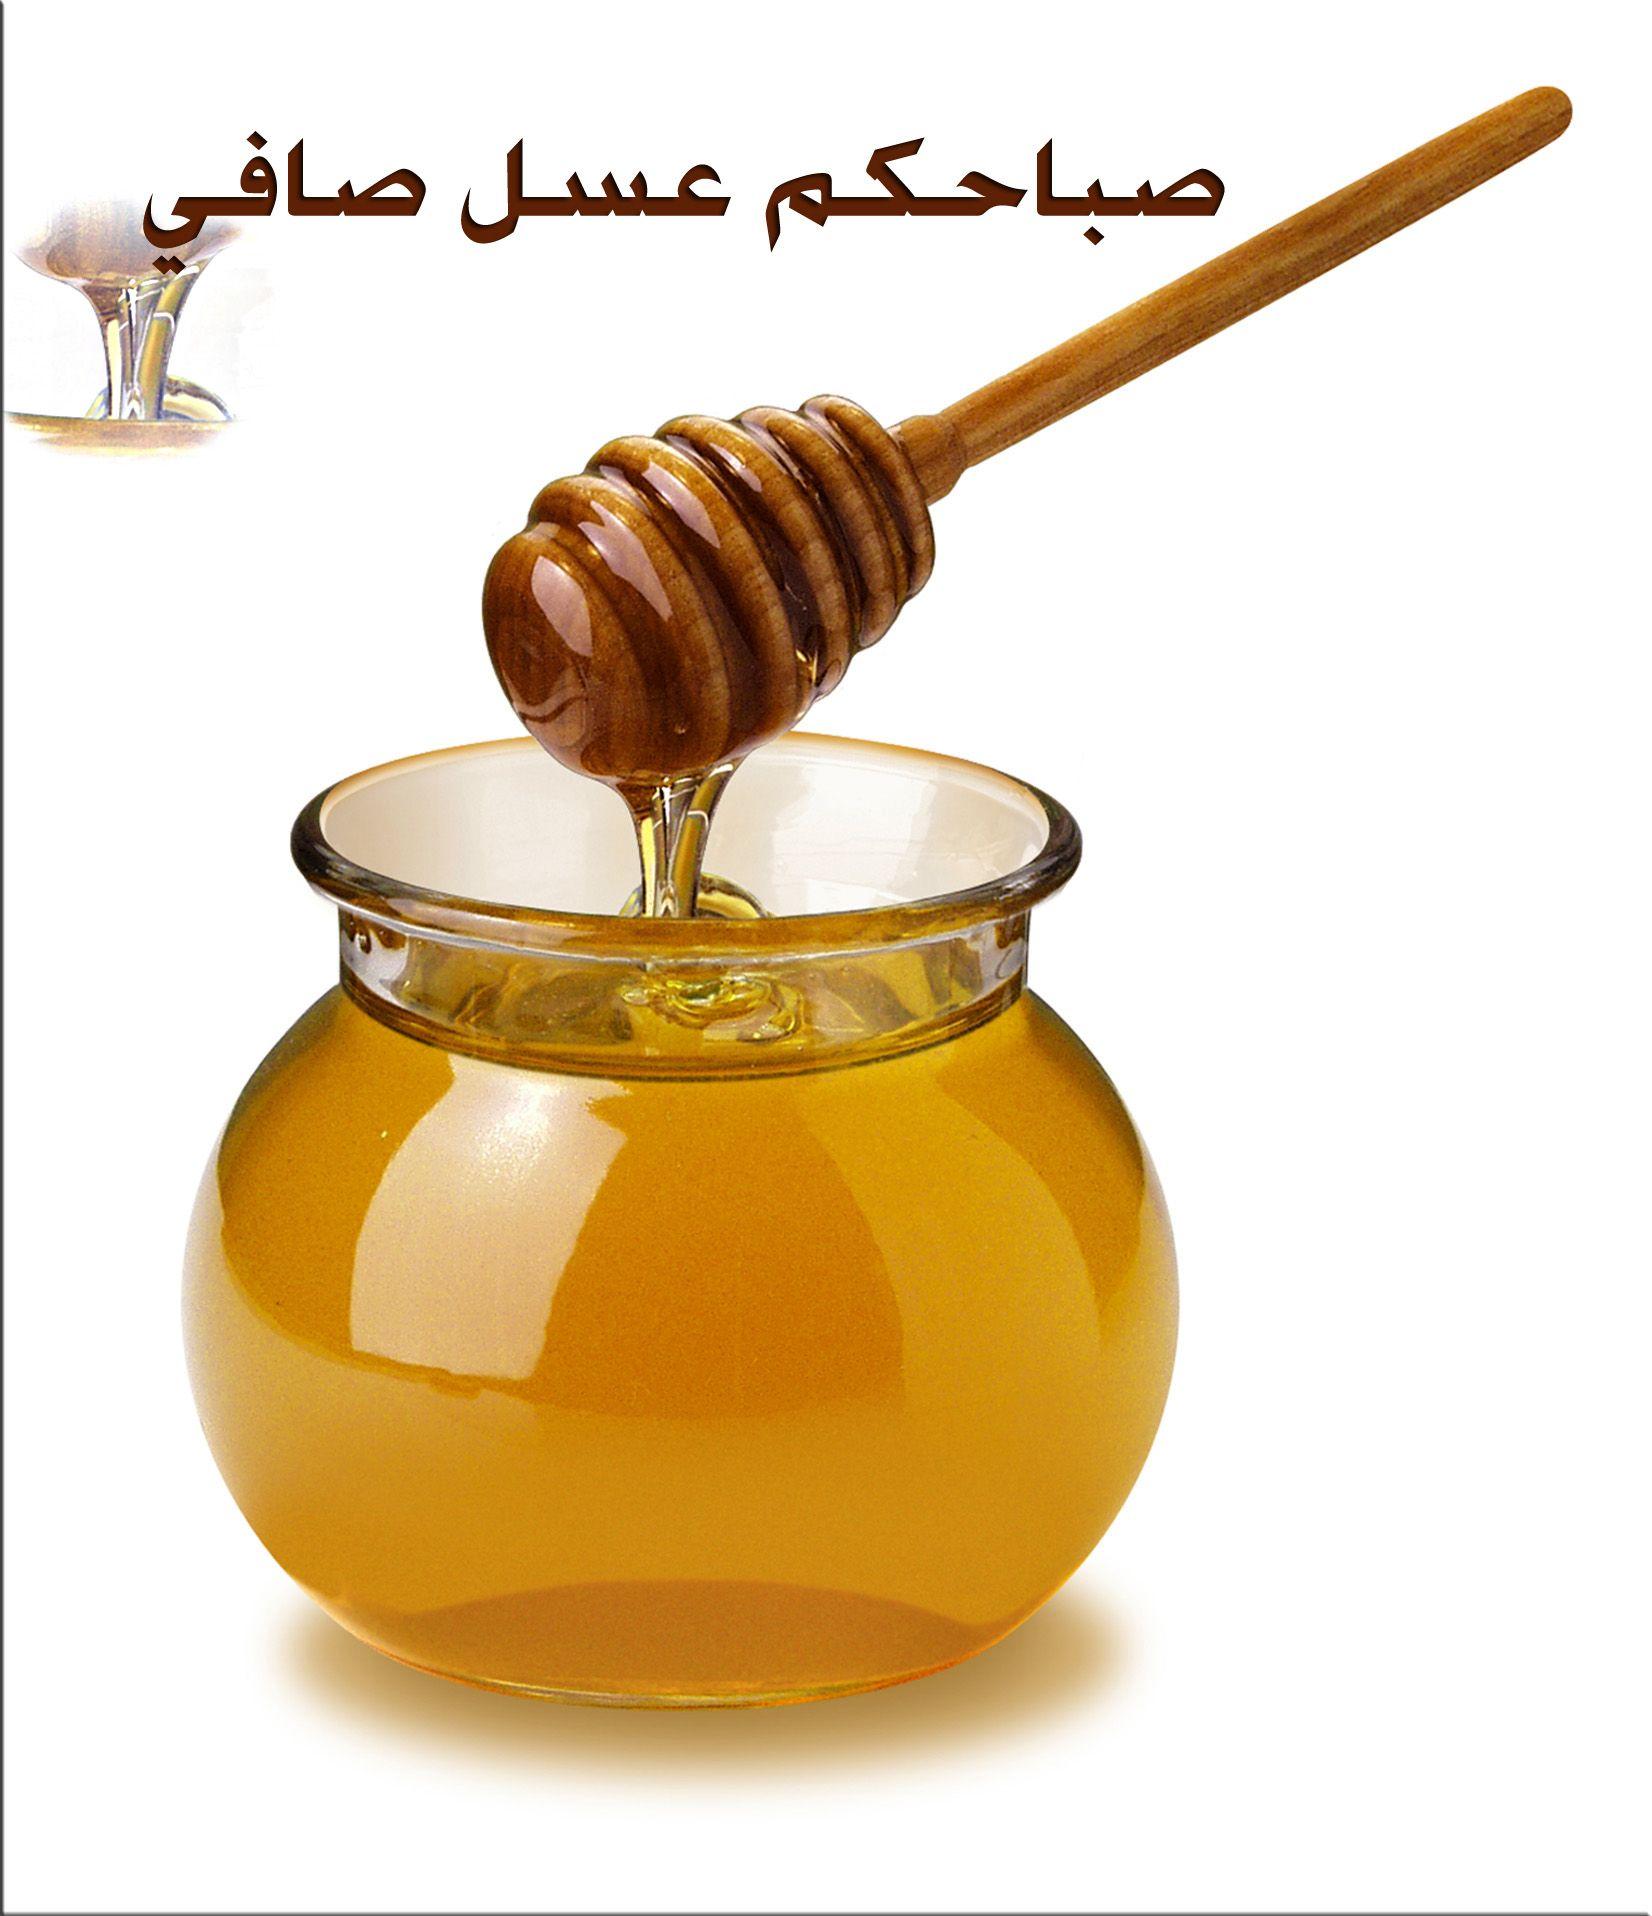 بالصور صباح العسل , الصباح الجميل وكلمات محفظه 1672 7